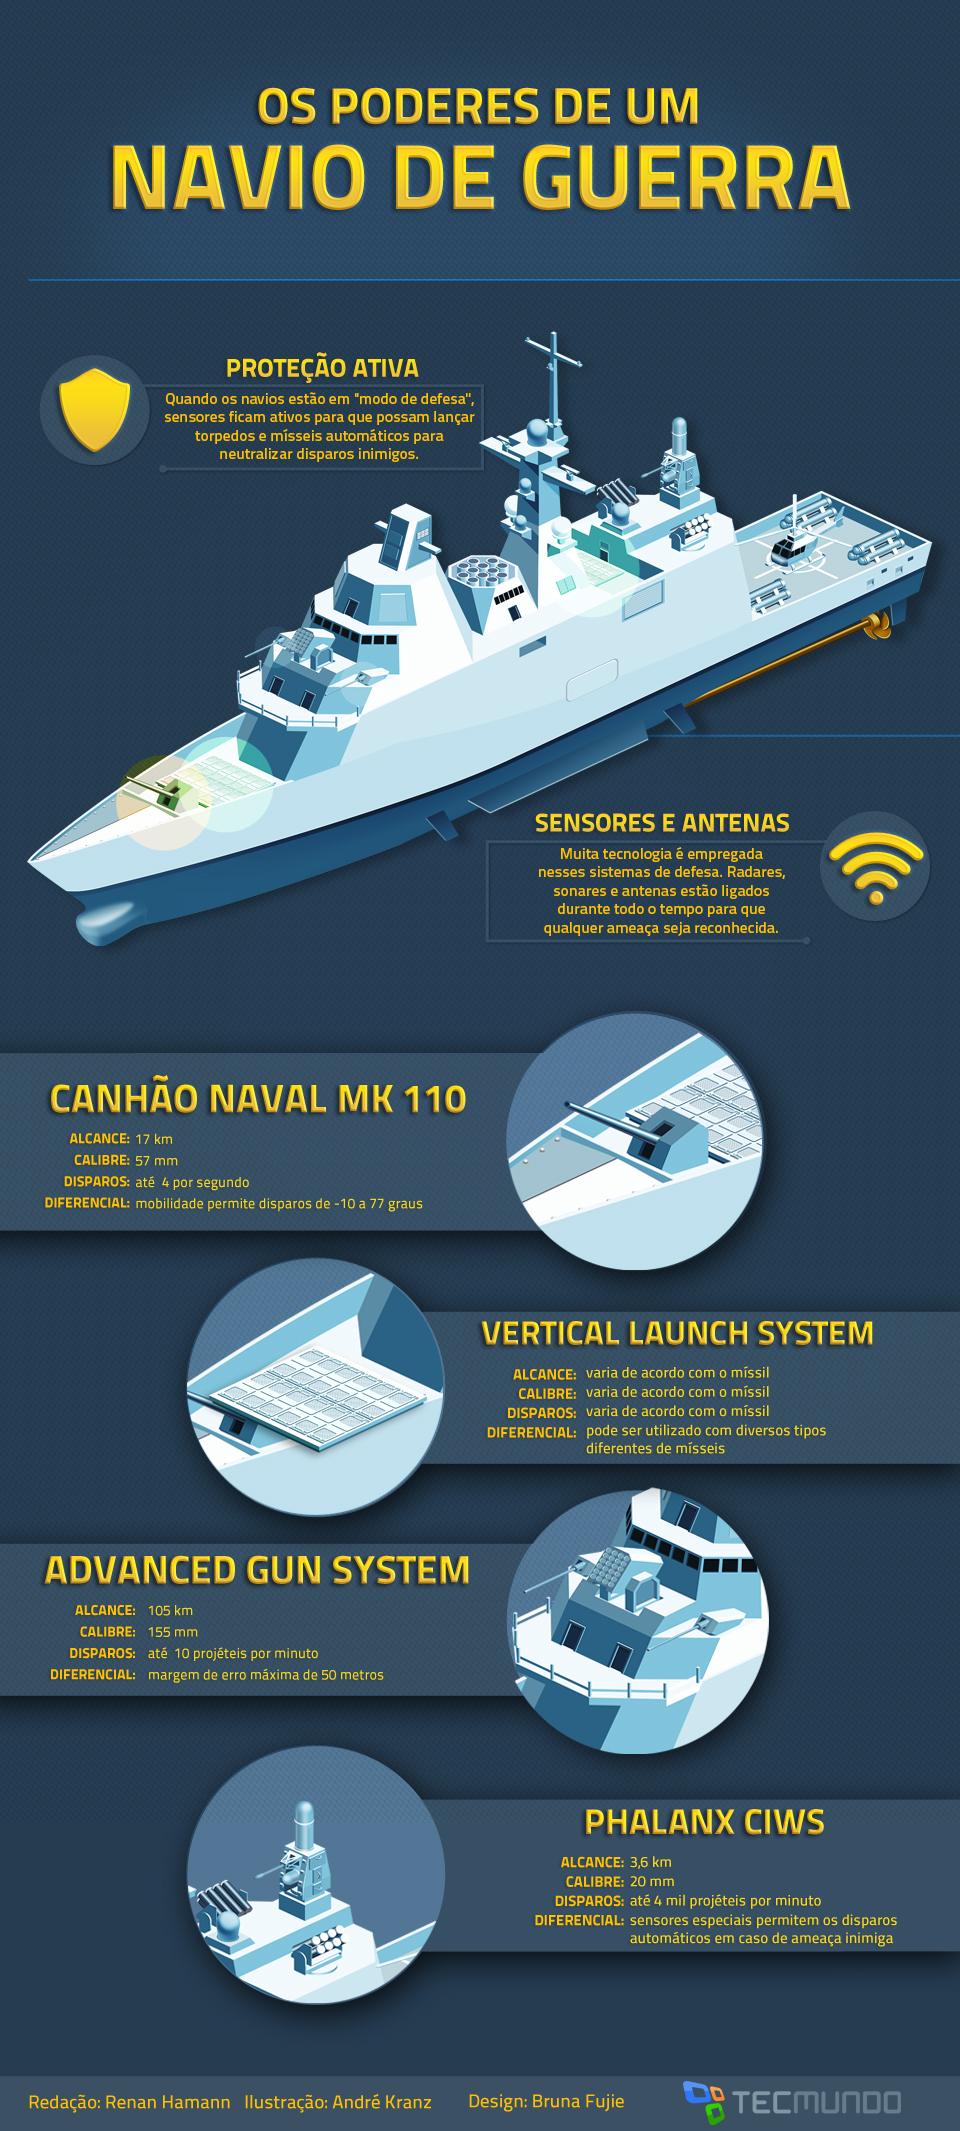 Conheça os poderes de um navio de guerra da nova geração [ilustração]